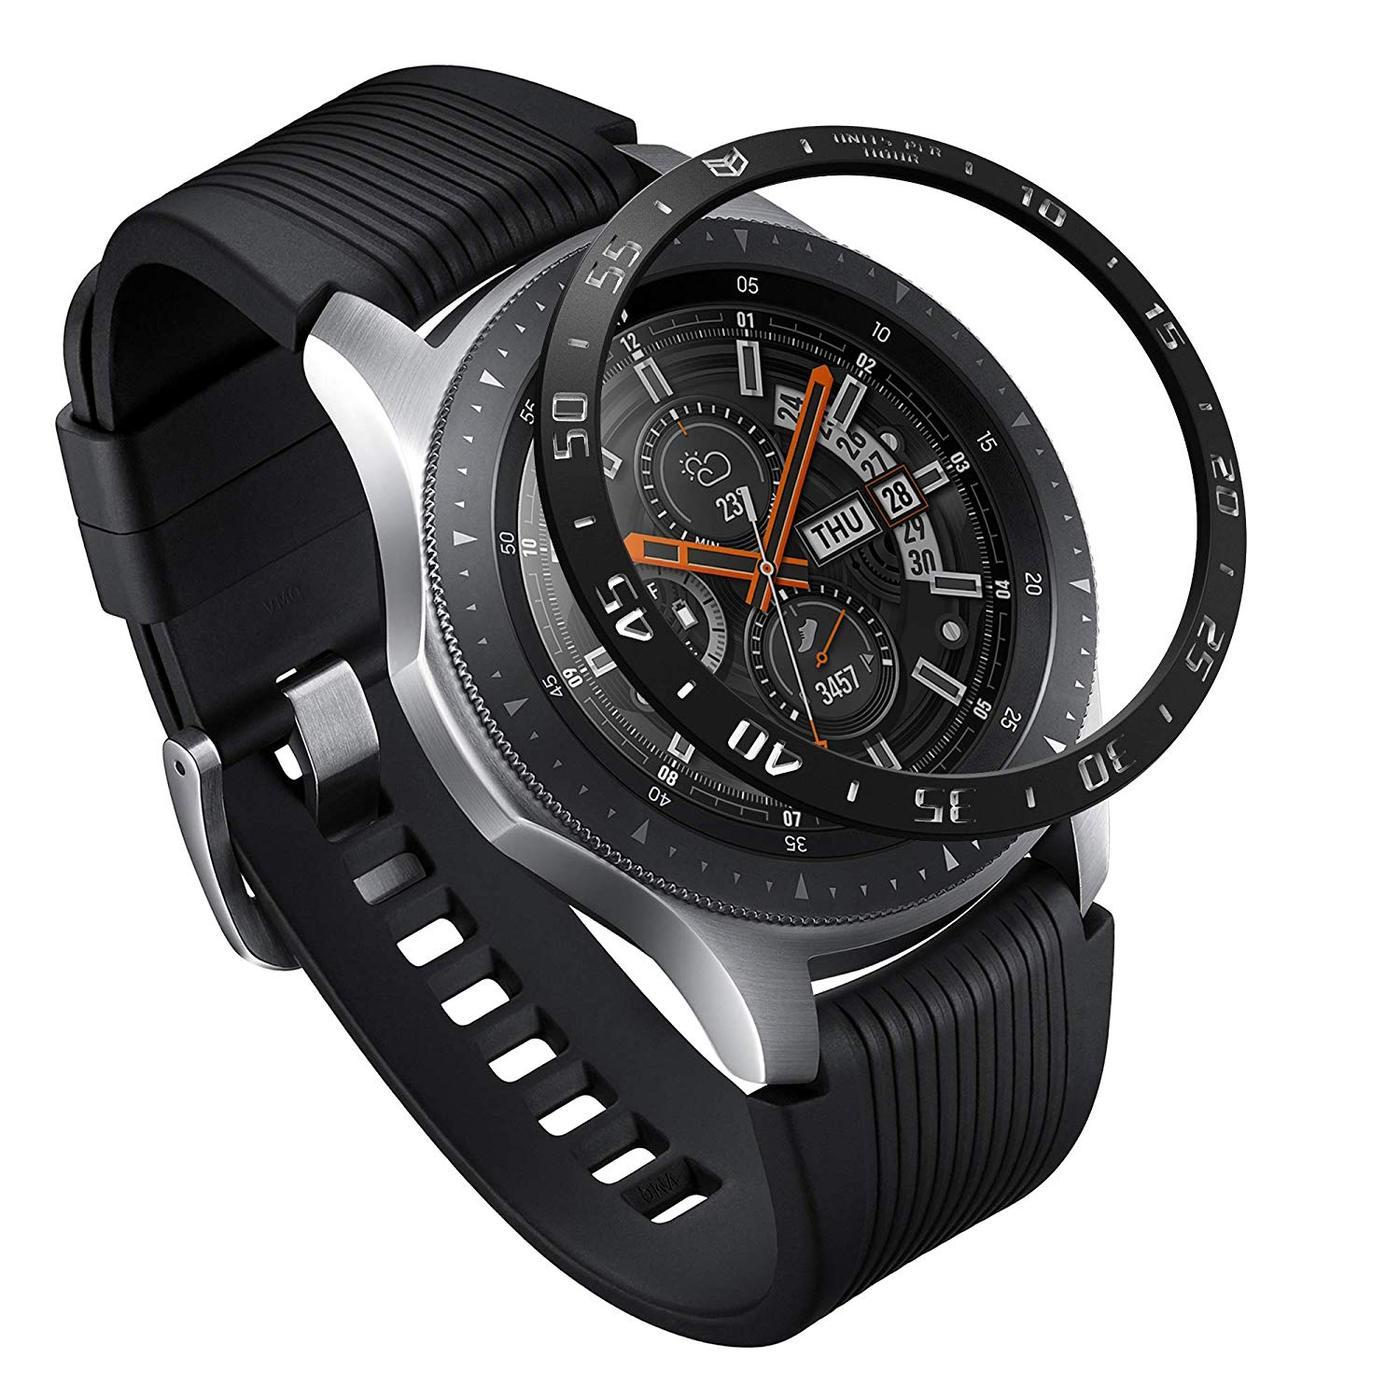 Bezel Styling Galaxy Watch 46mm/Gear S3 Black